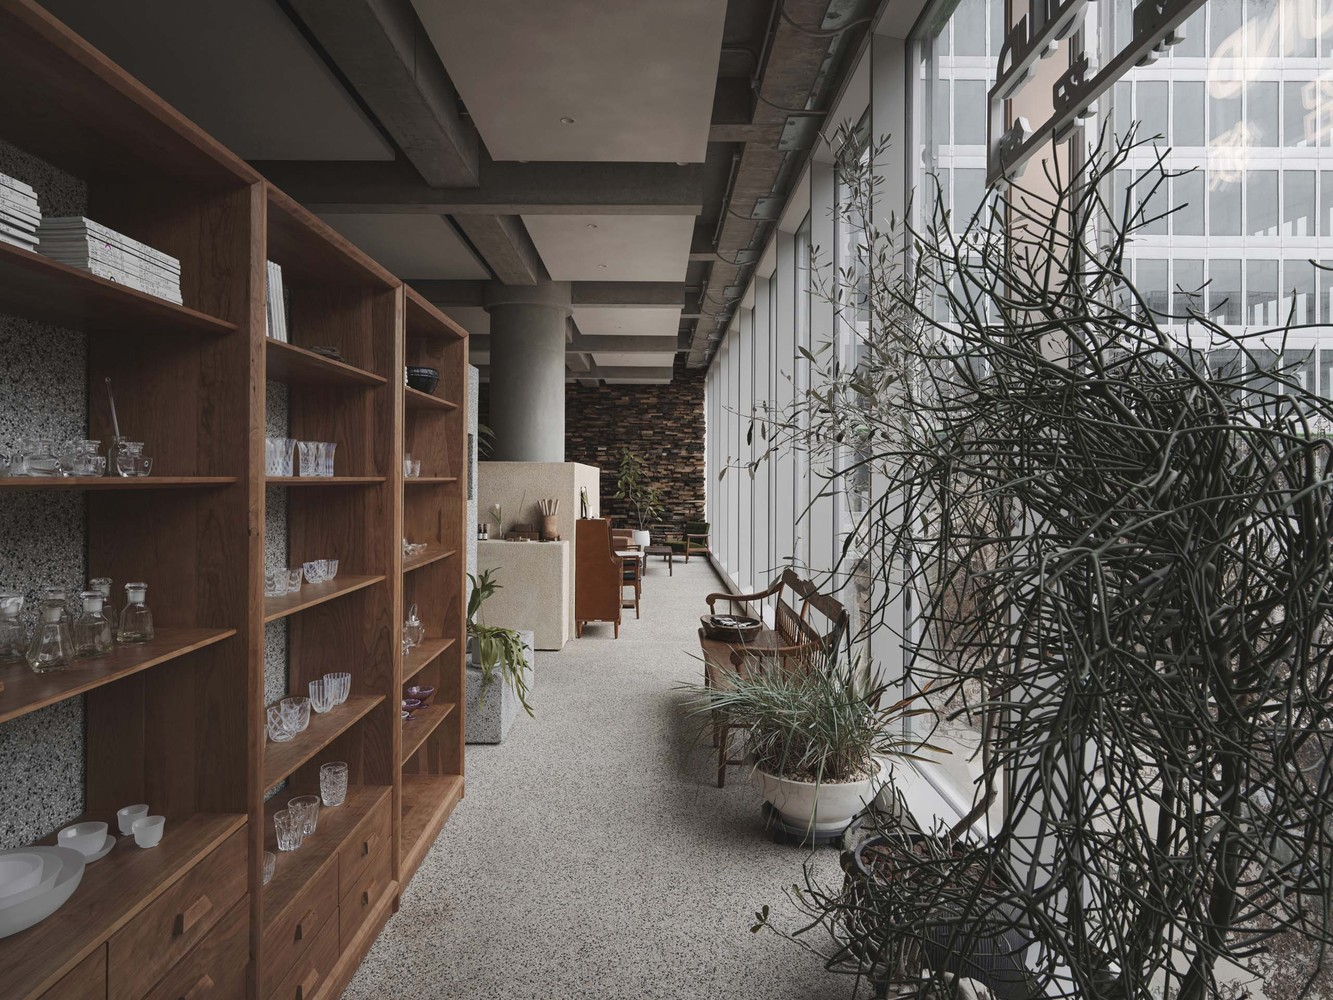 Lost & Found OōEli Store B.L.U.E Architecture Studio 07